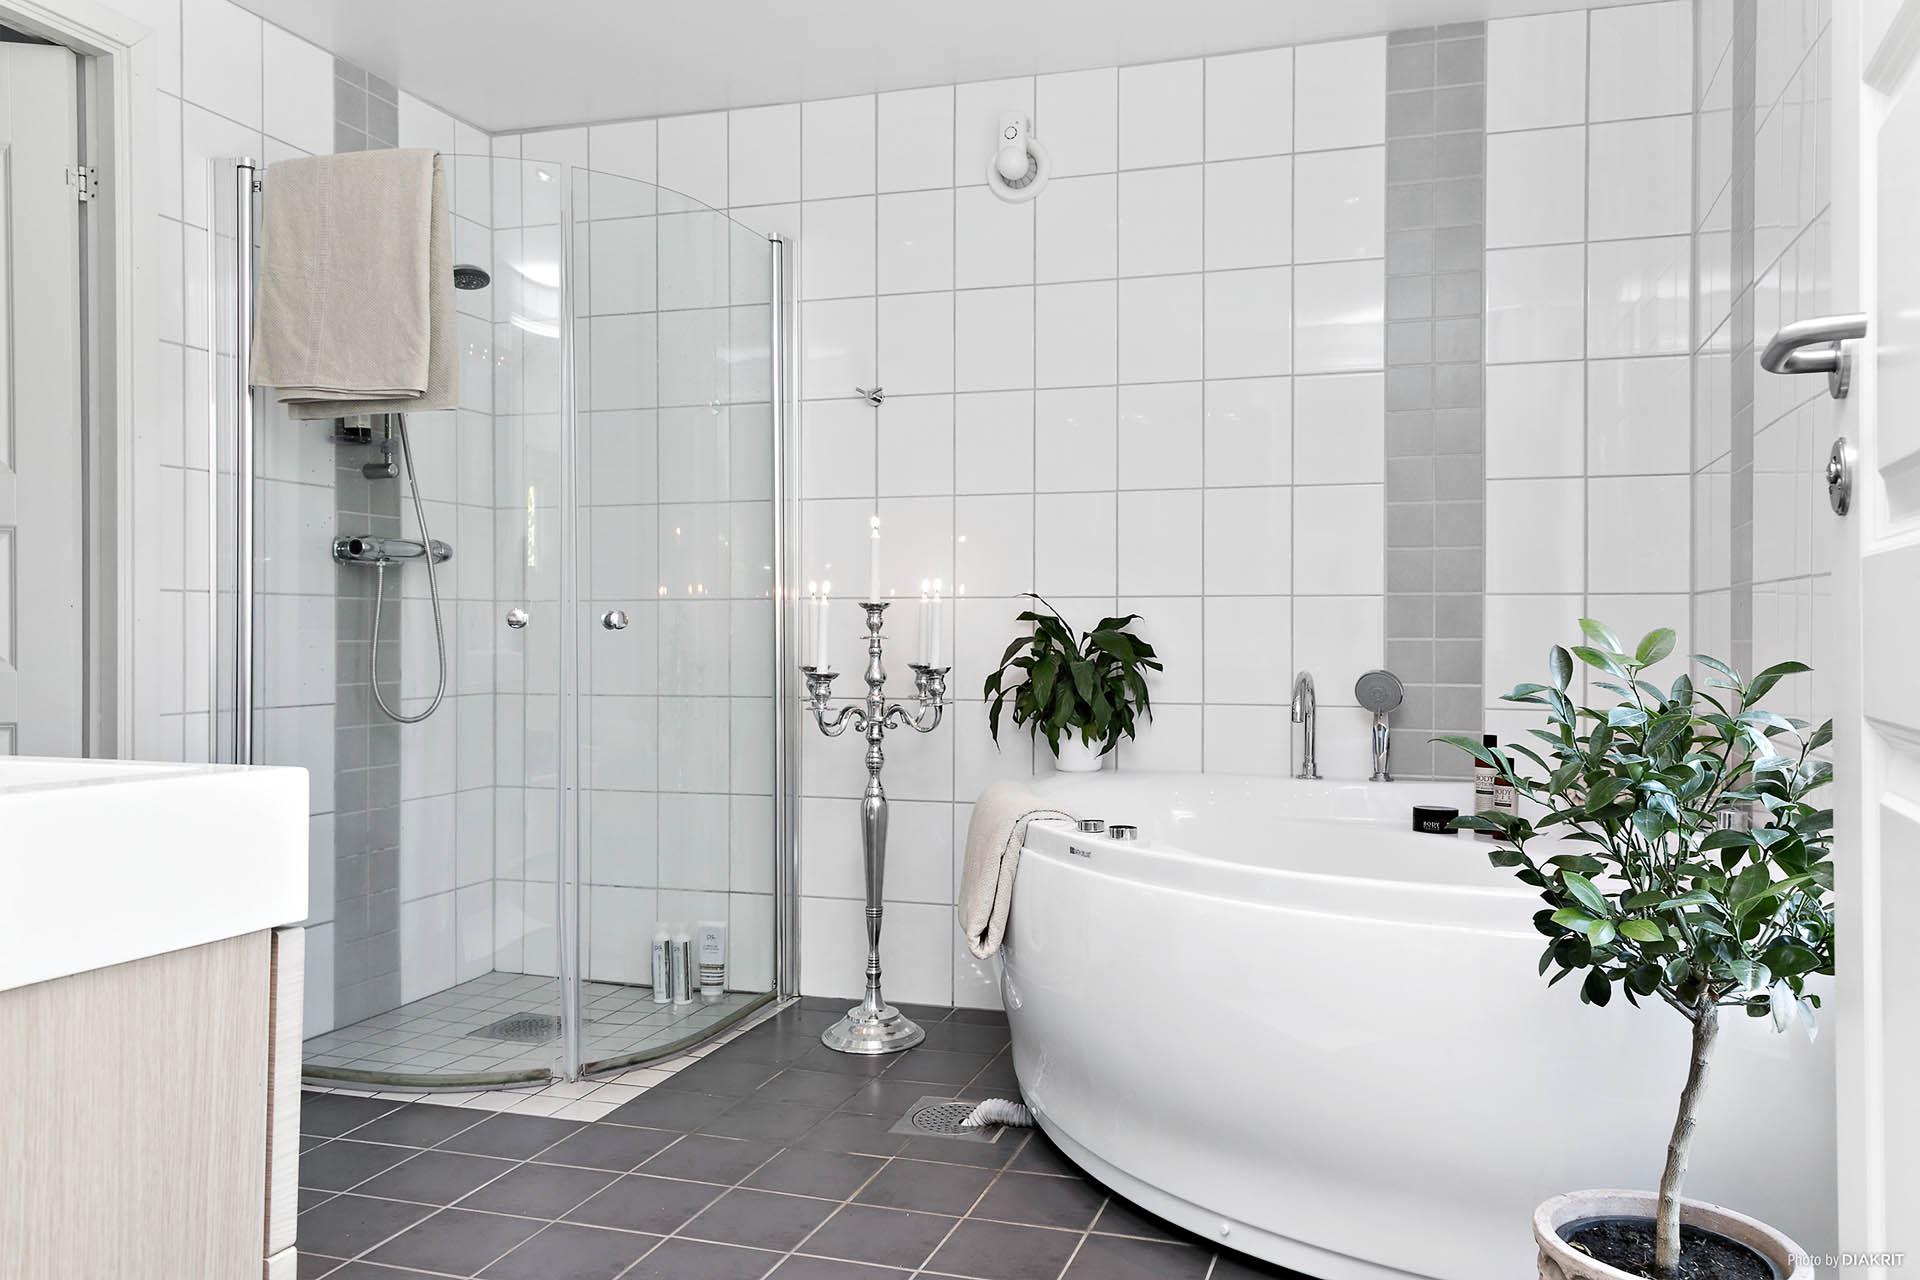 Bad/Duschrum på entréplan renoverades/inreddes 2010